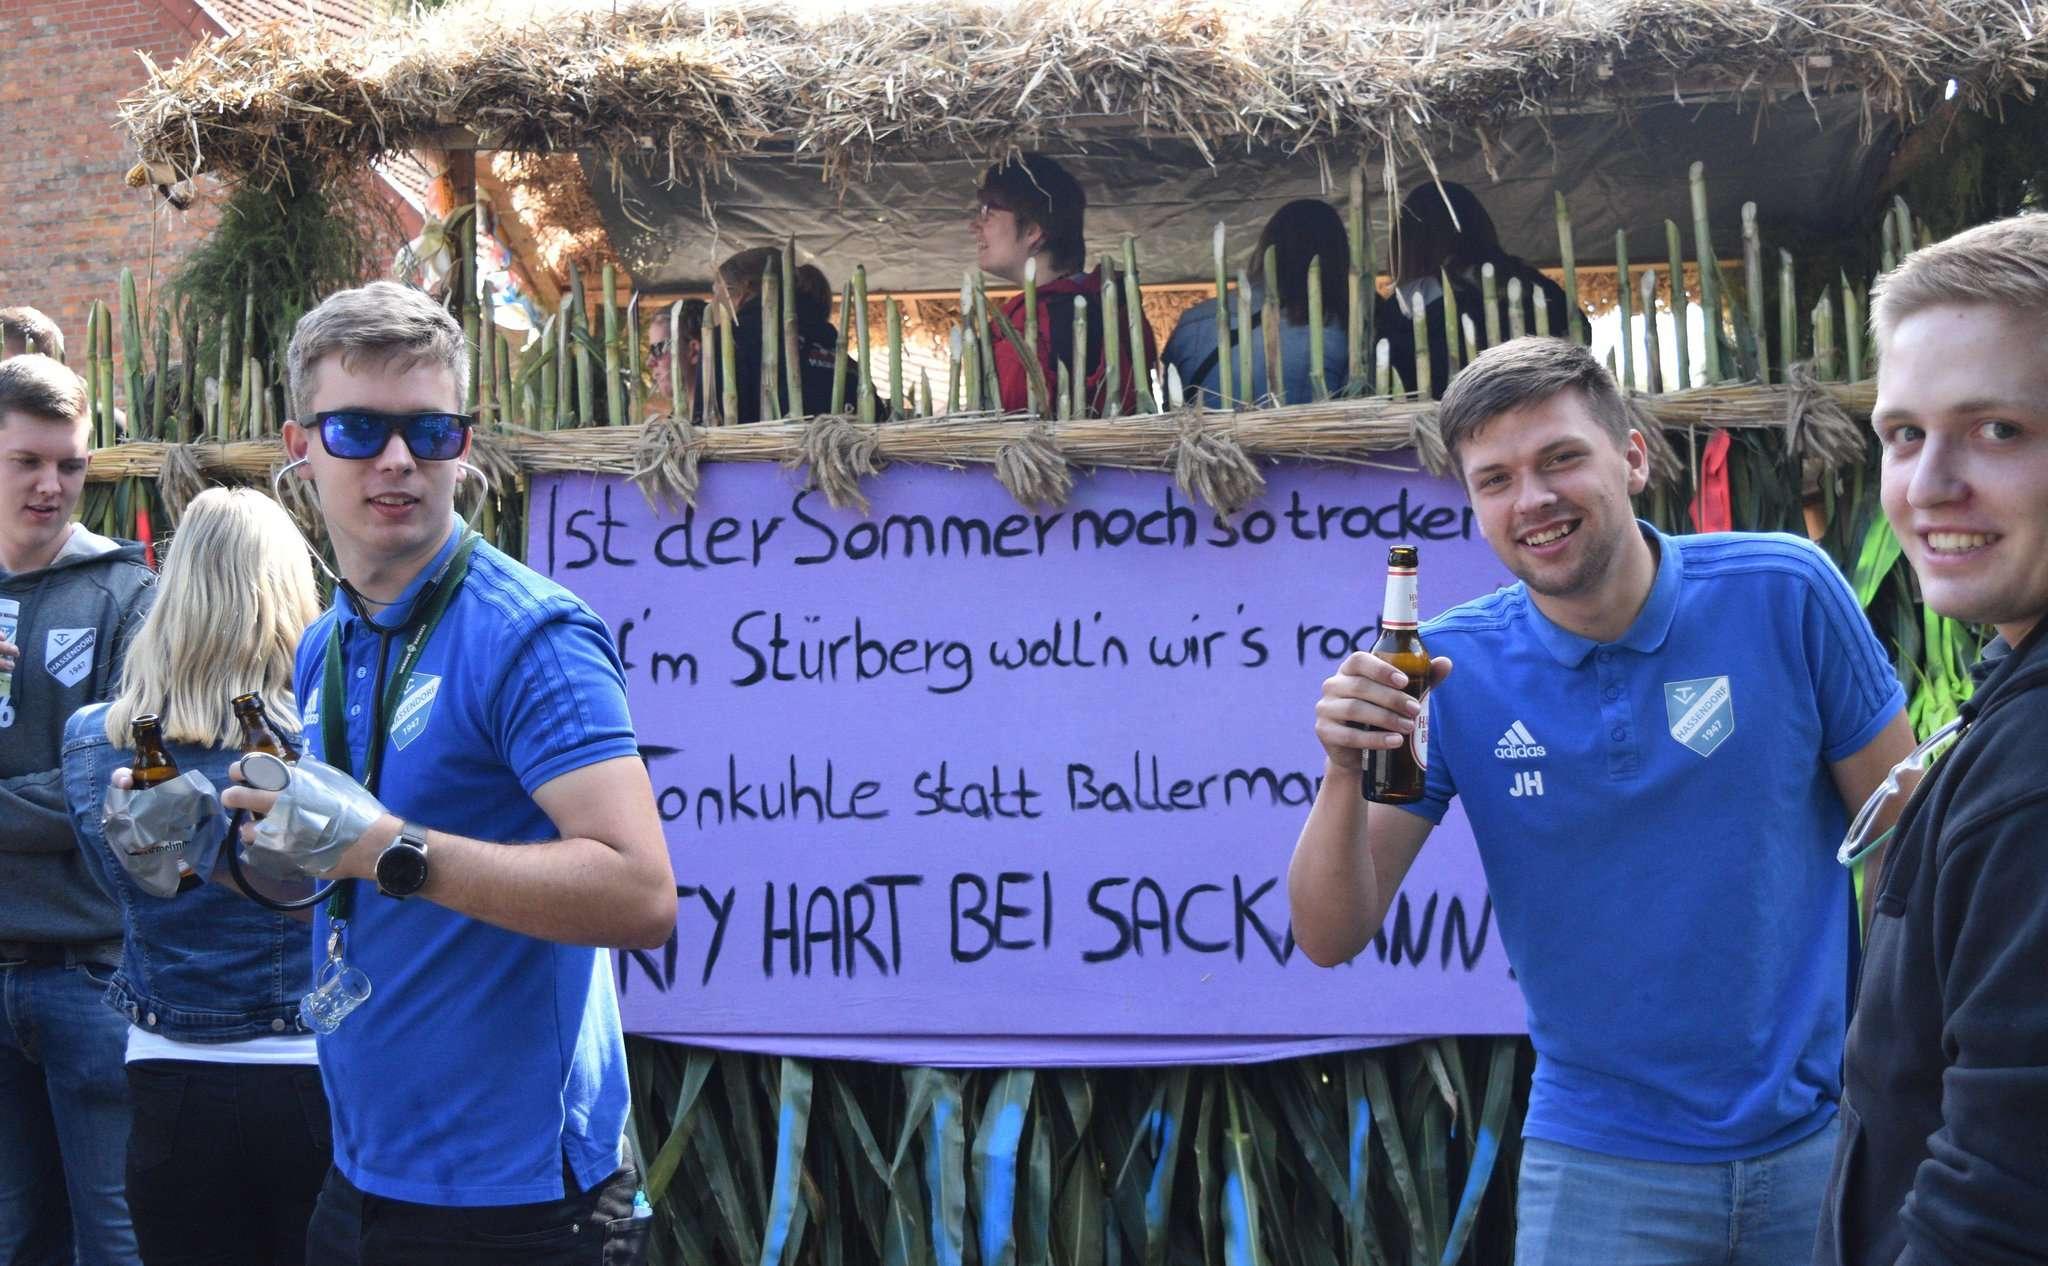 Die inoffizielle Tageslosung des Hassendorfer Erntefests war auf einem Wagen zu lesen: Ist der Sommer noch so trocken, aufu2019m Stürberg wollu2019n wiru2019s rocken. Tonkuhle statt Ballermann, Party hart bei Sackmann.